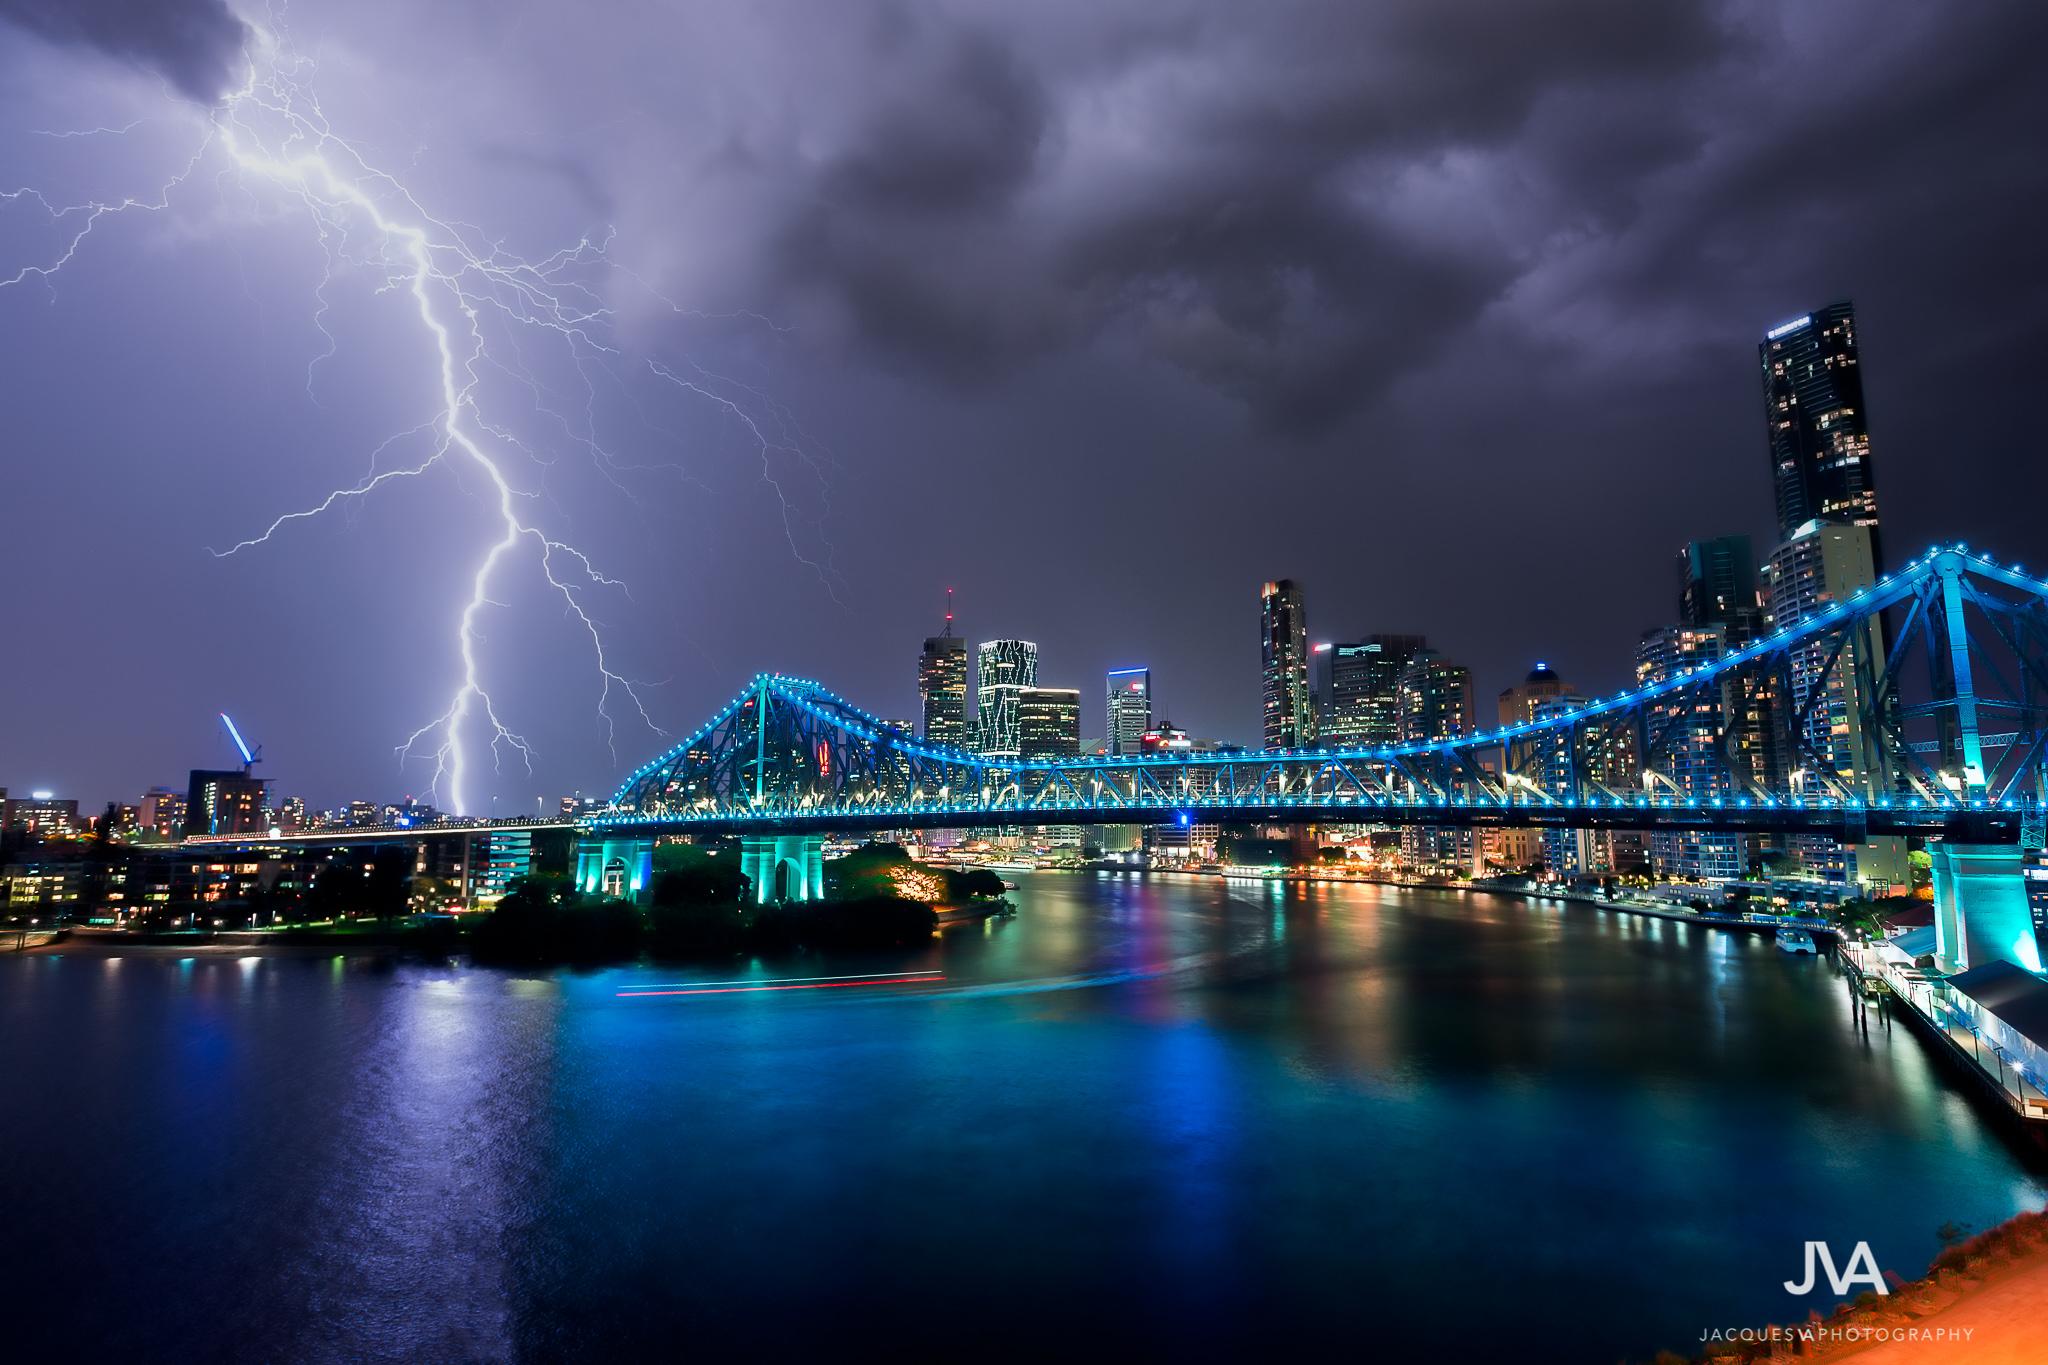 Story Bridge Lighting